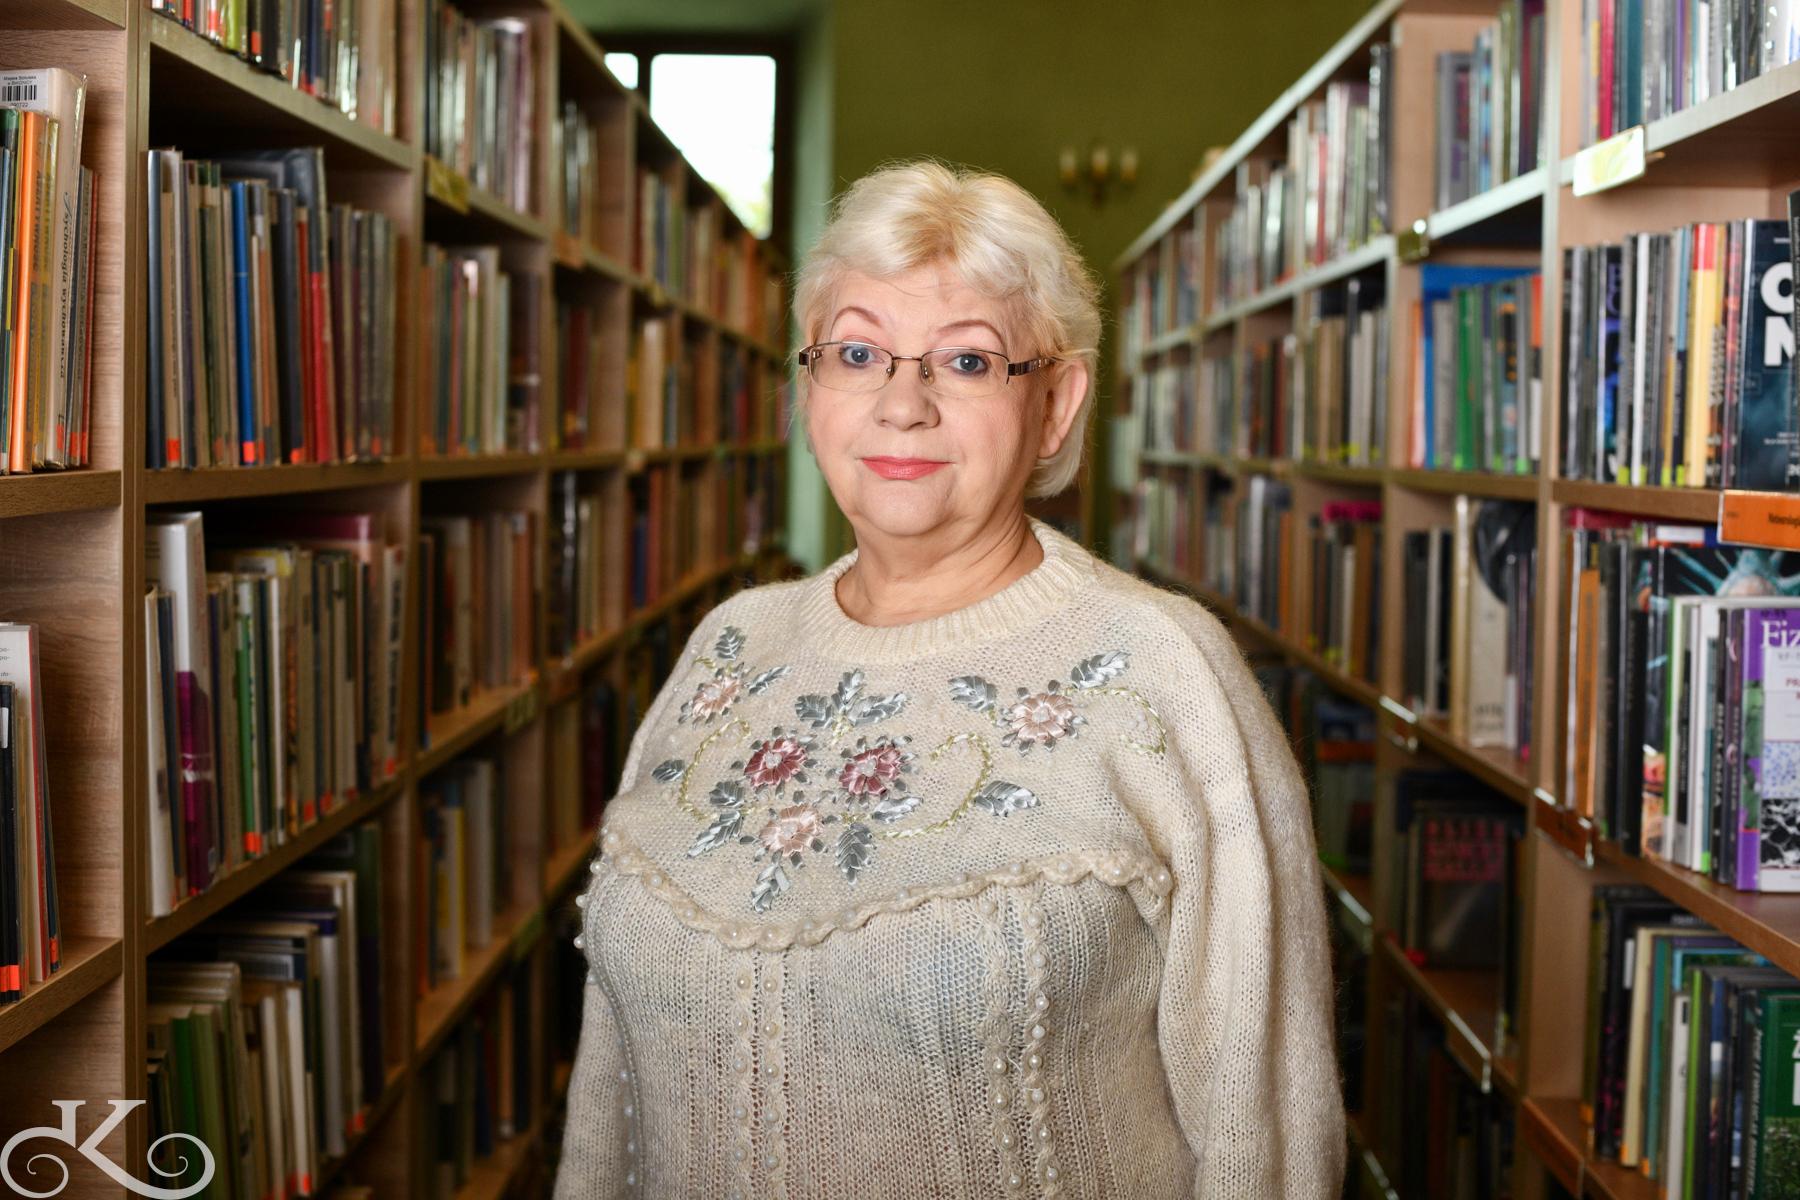 Spotkania Klubu w Filii nr 2 prowadzi Stefania Bindas - bibliotekarka z długoletnim stażem, pasjonatka literatury pięknej